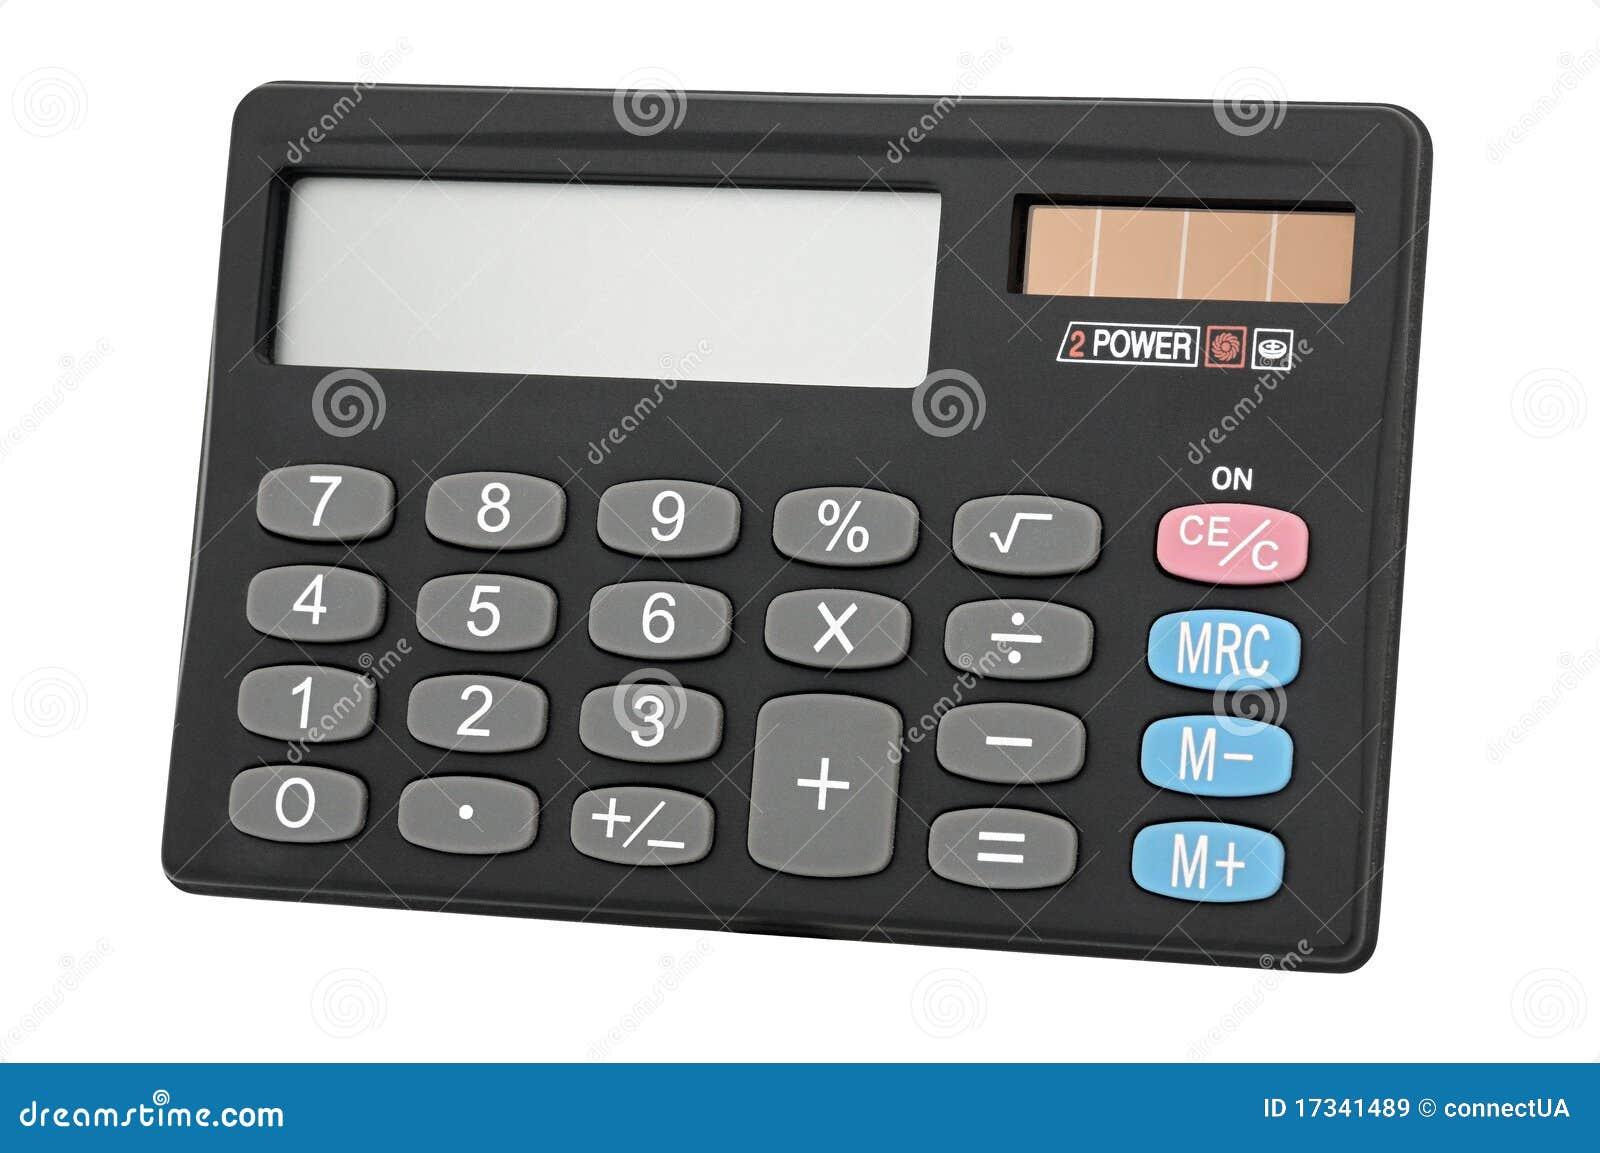 Calculadora portable